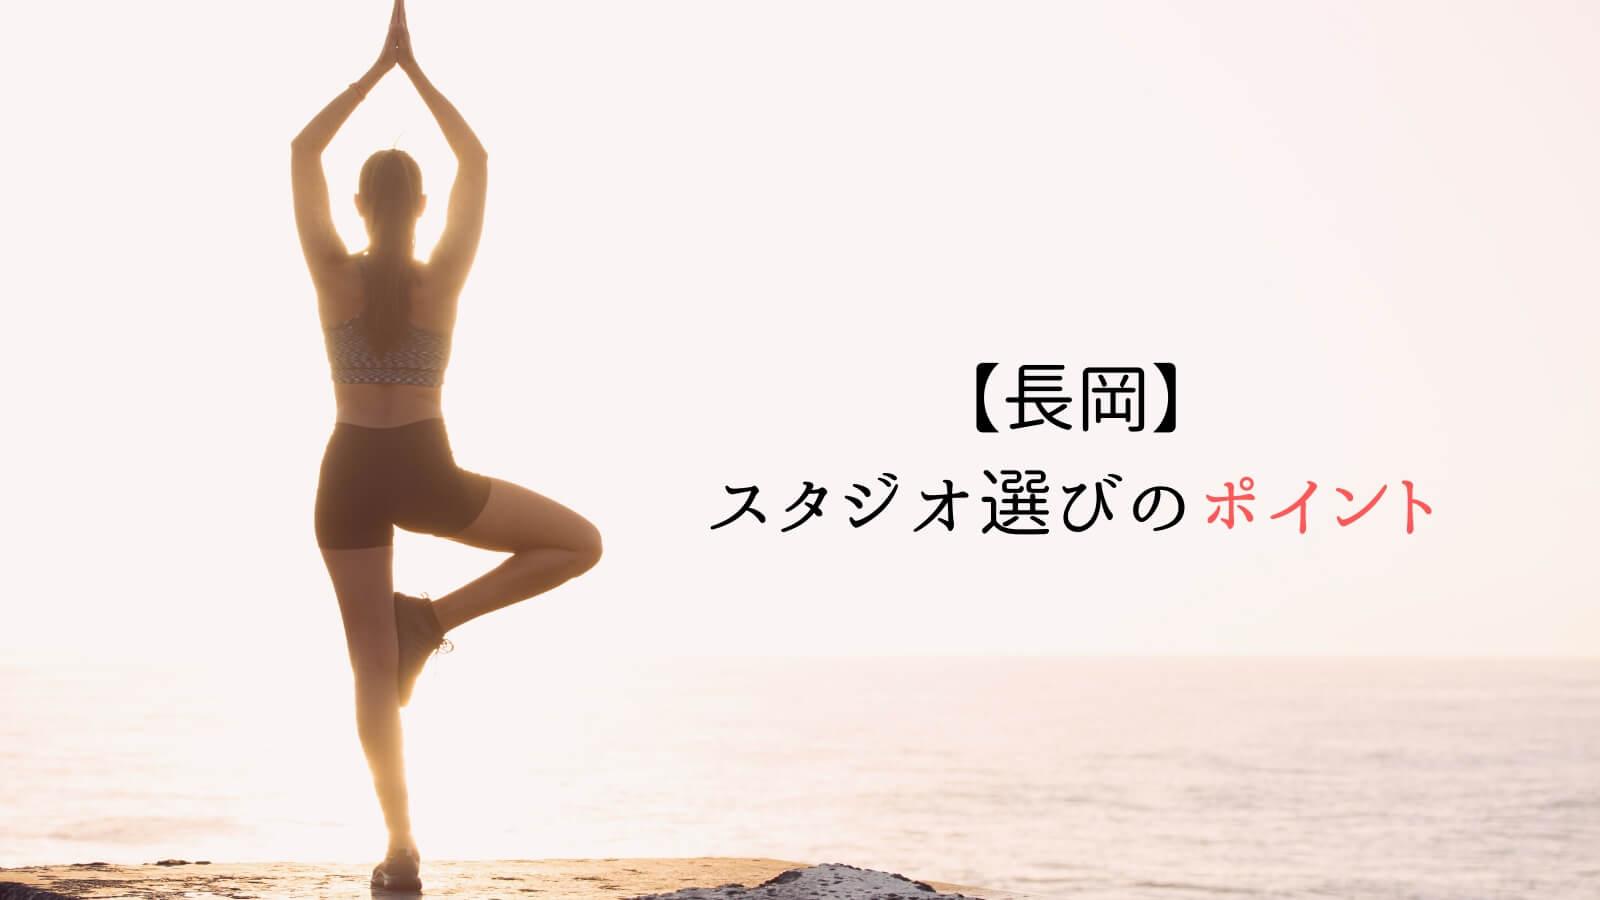 長岡のヨガ・ホットヨガスタジオ選びのポイント